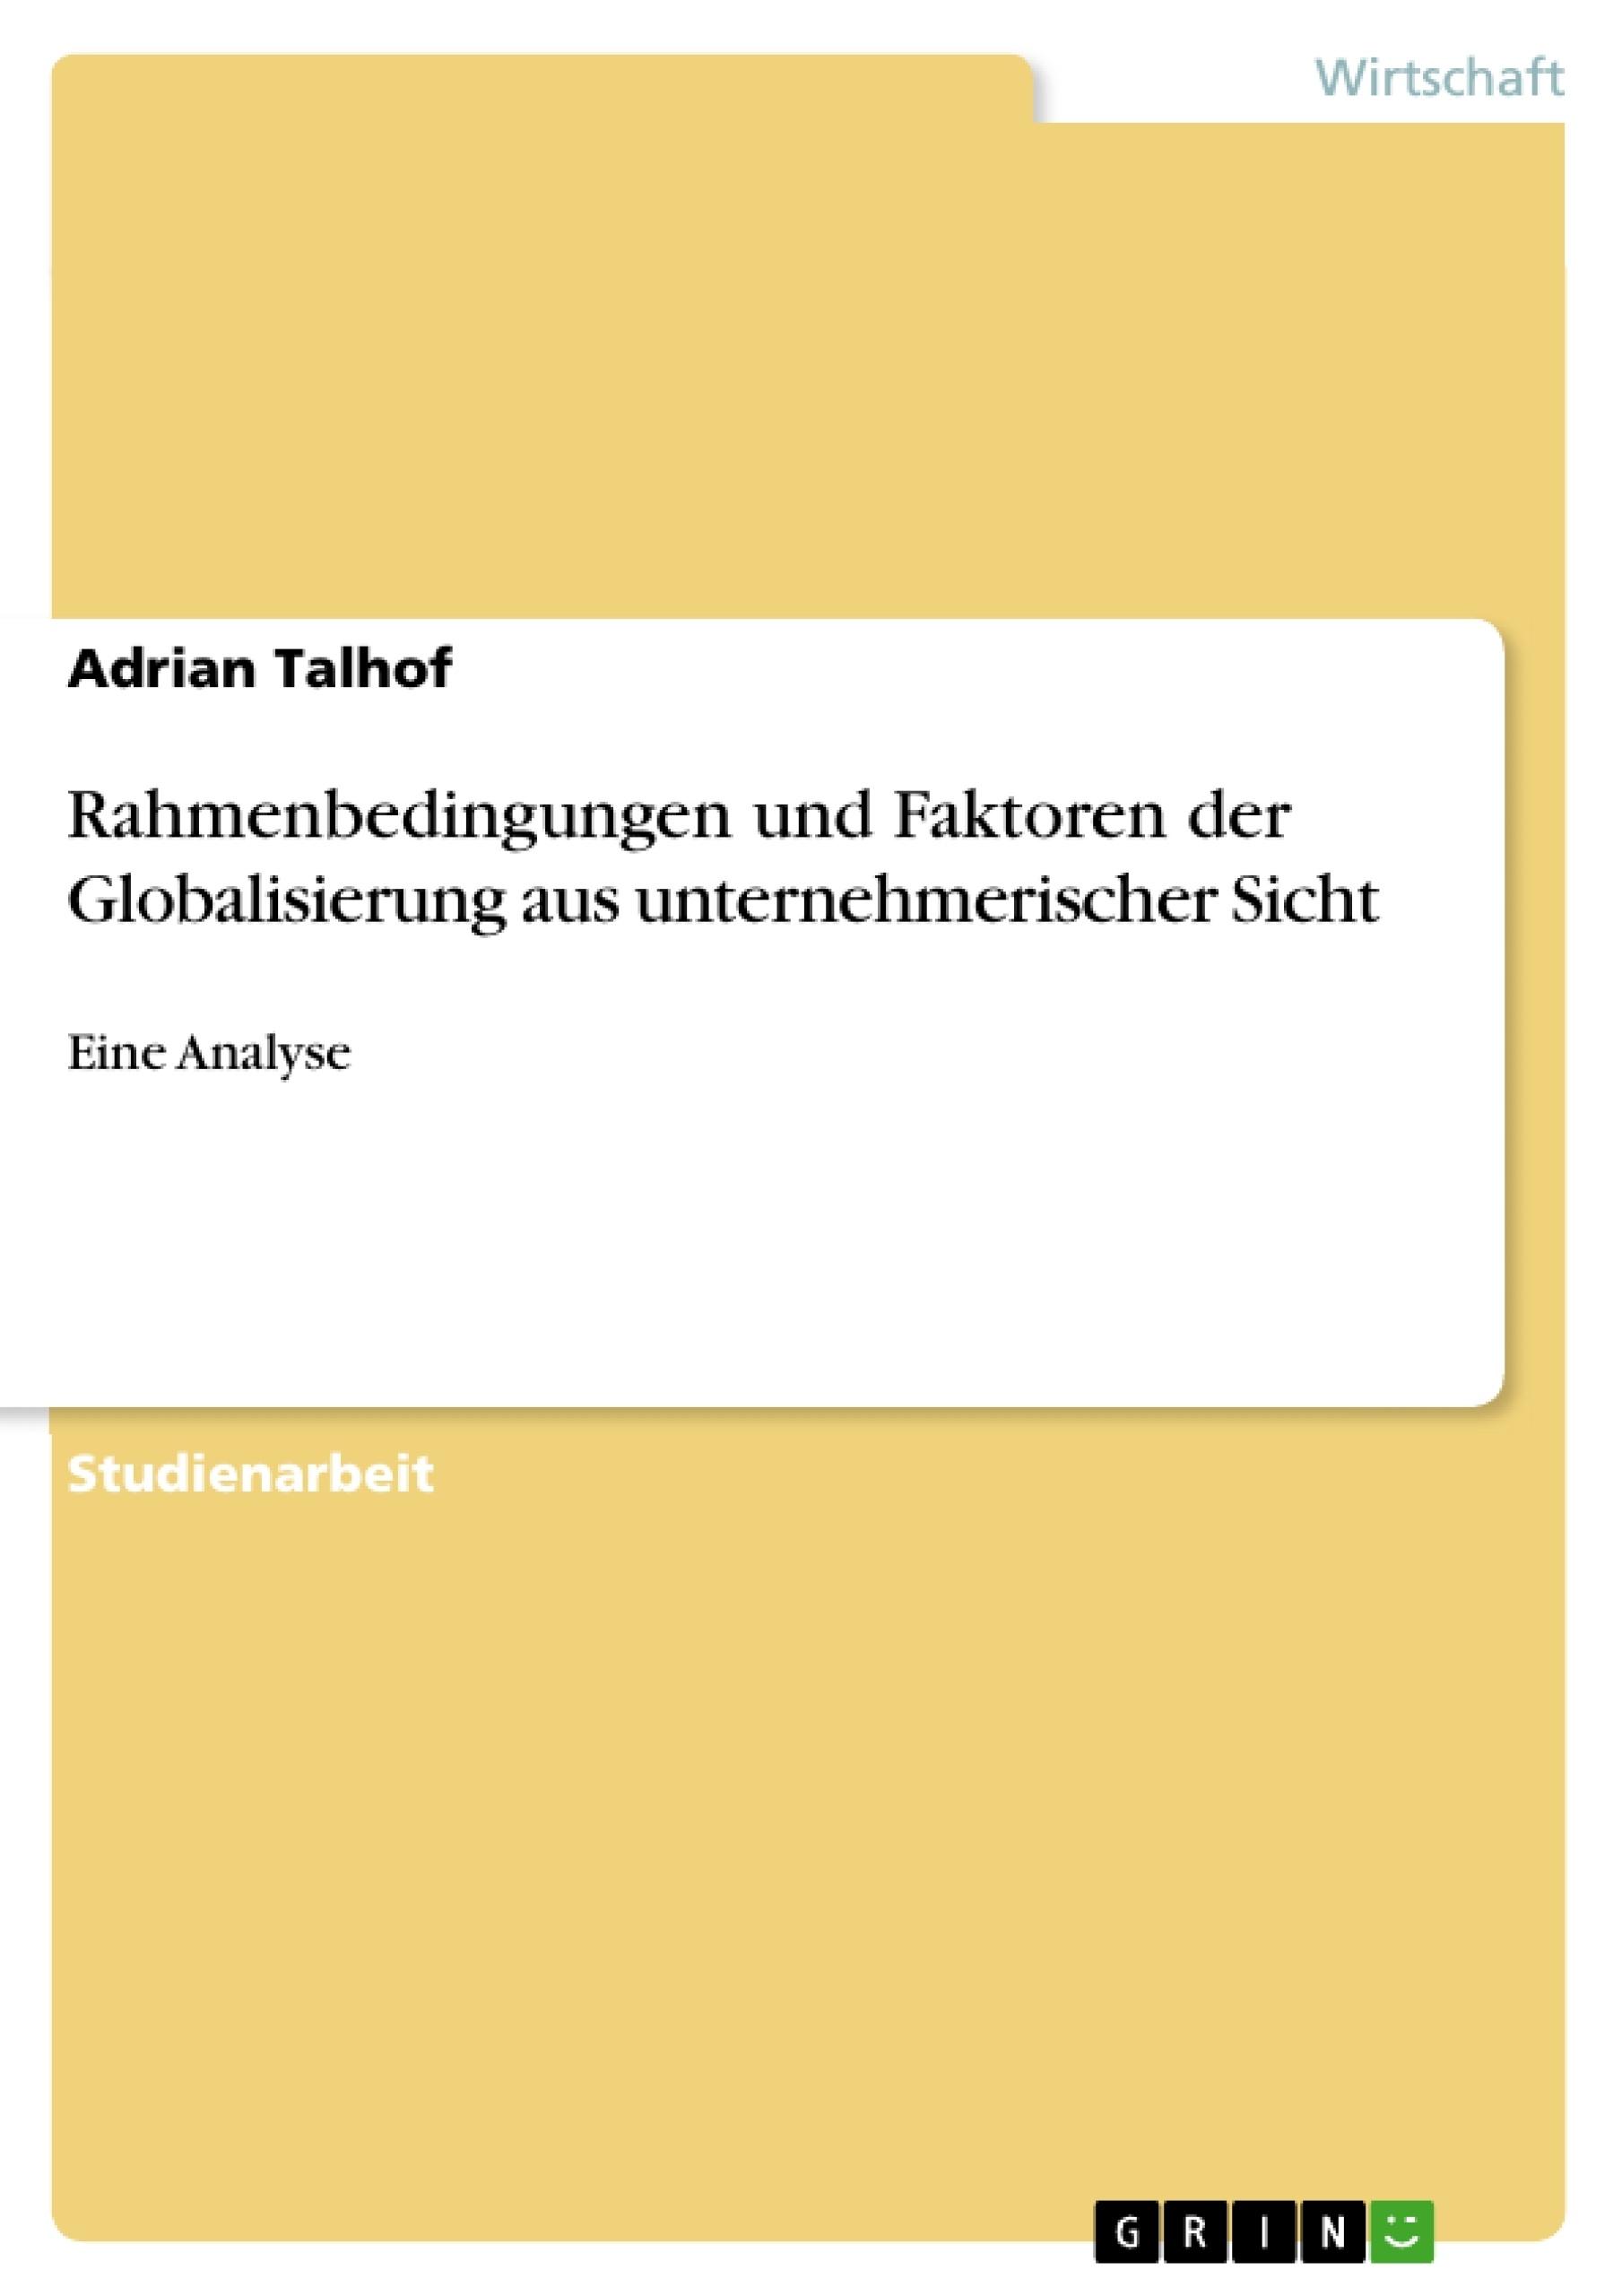 Titel: Rahmenbedingungen und Faktoren der Globalisierung aus unternehmerischer Sicht